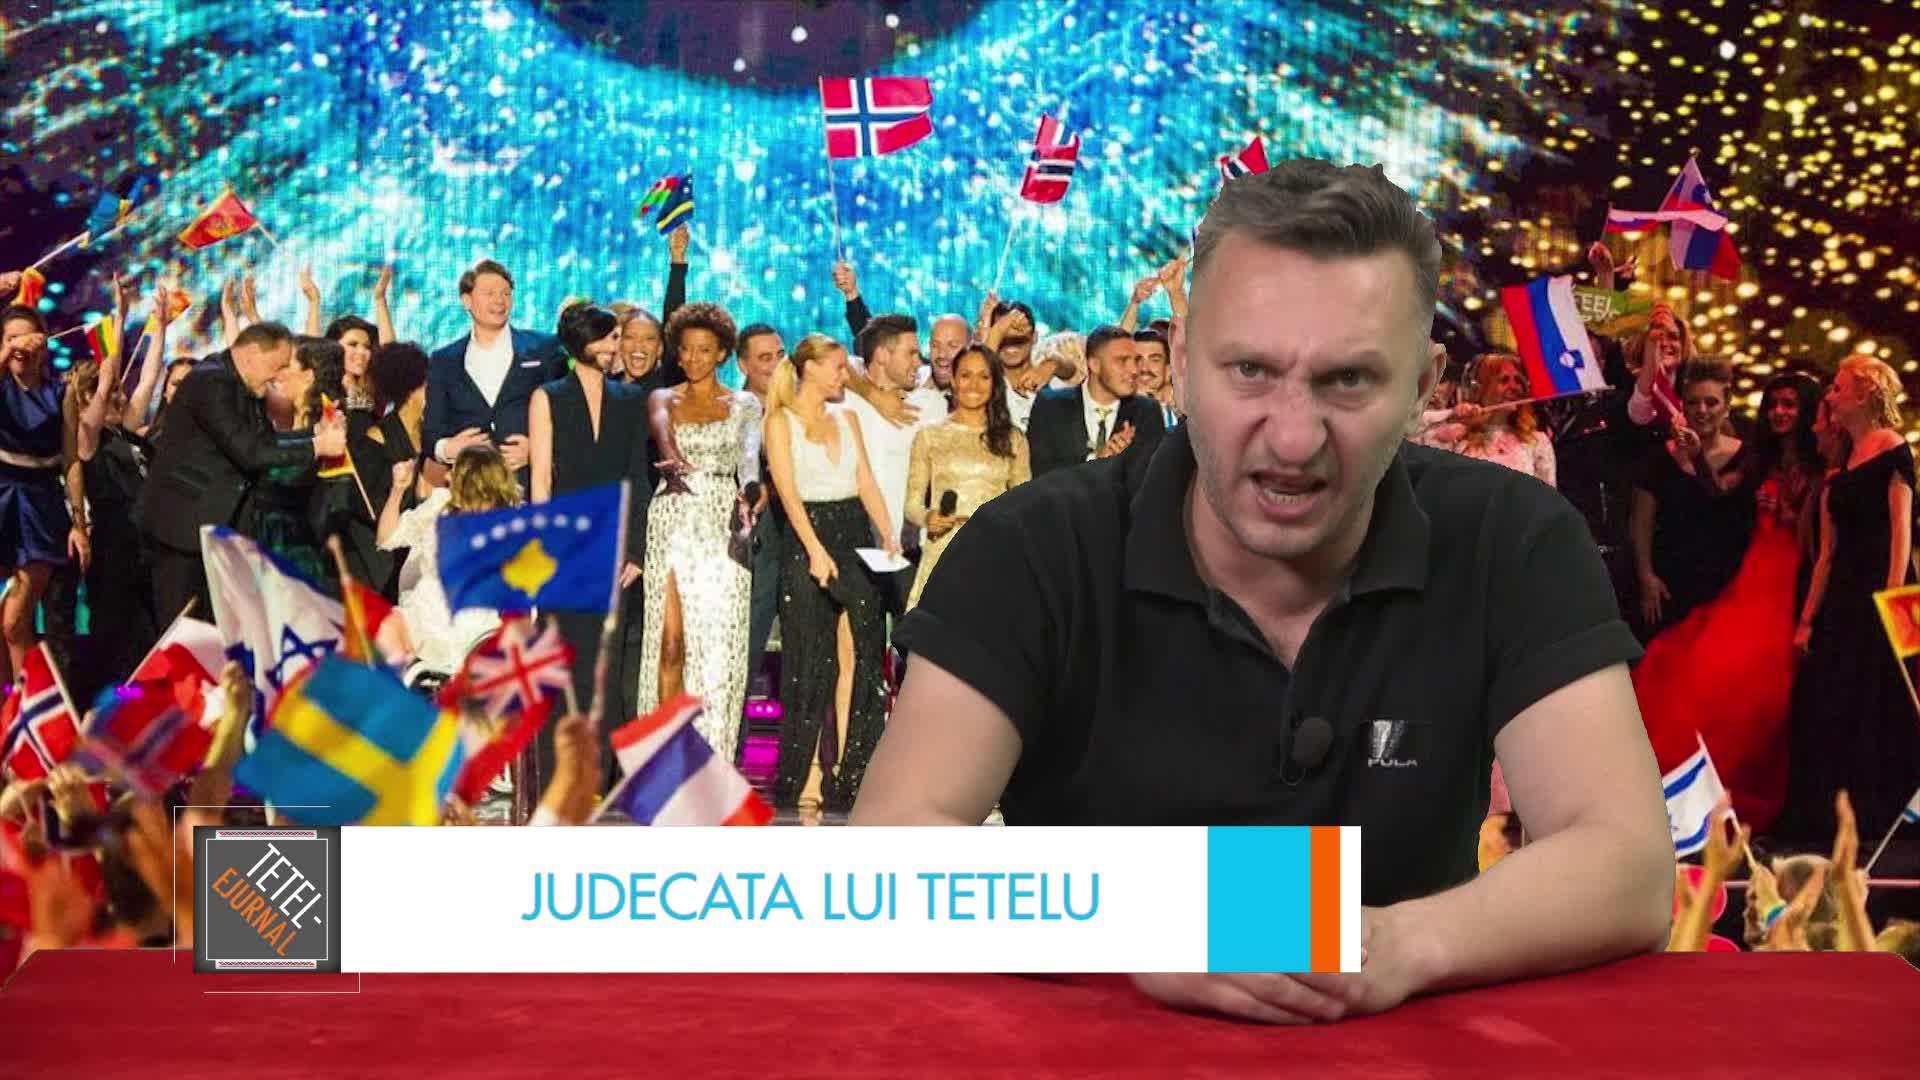 Judecata lui Tetelu: Muzica uşoară românească